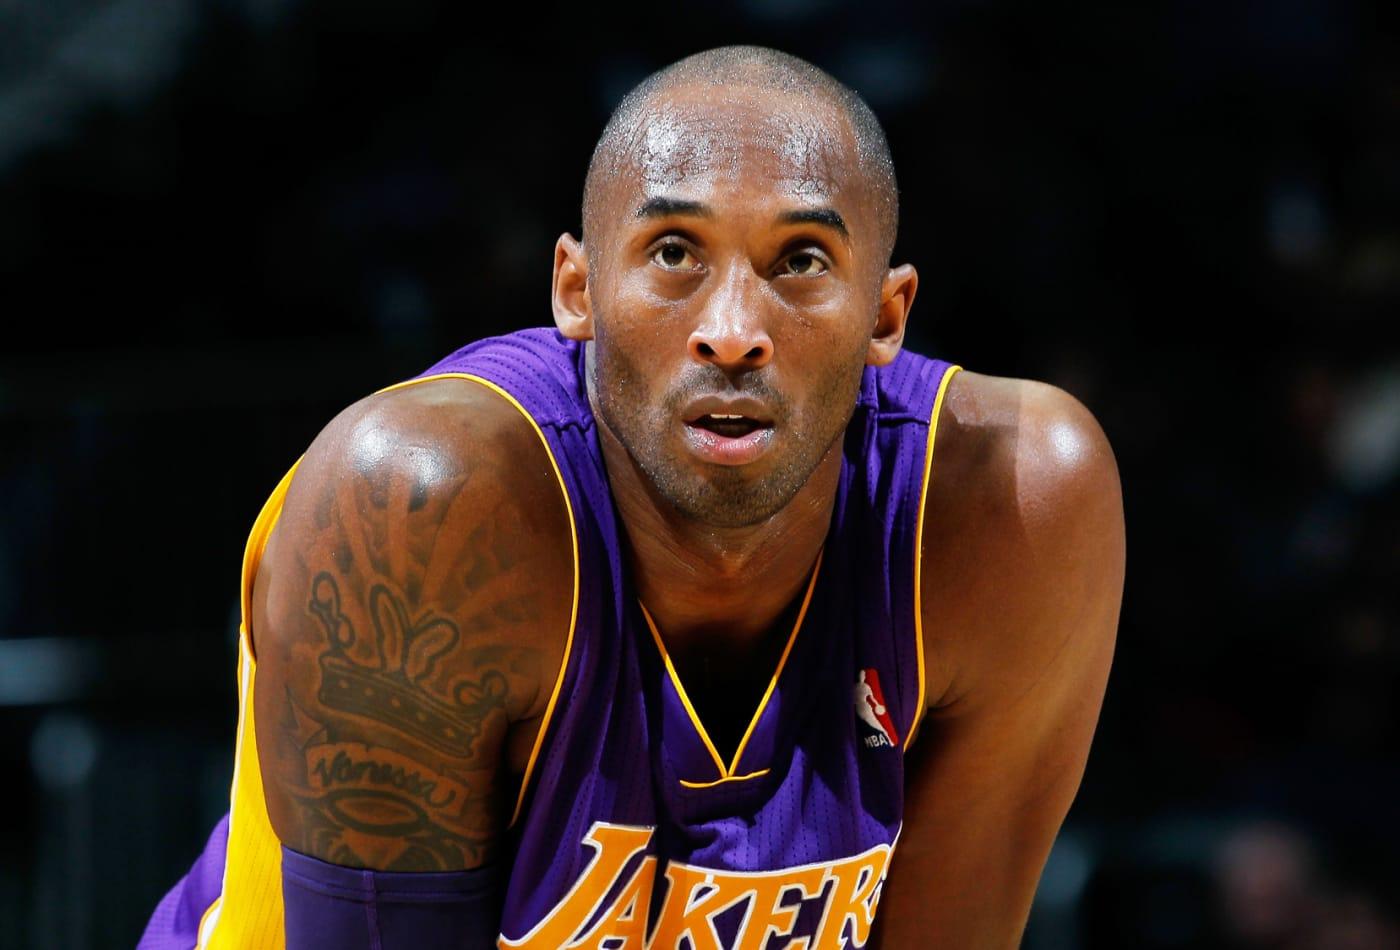 Inside Kobe Bryant's $600 Million Fortune